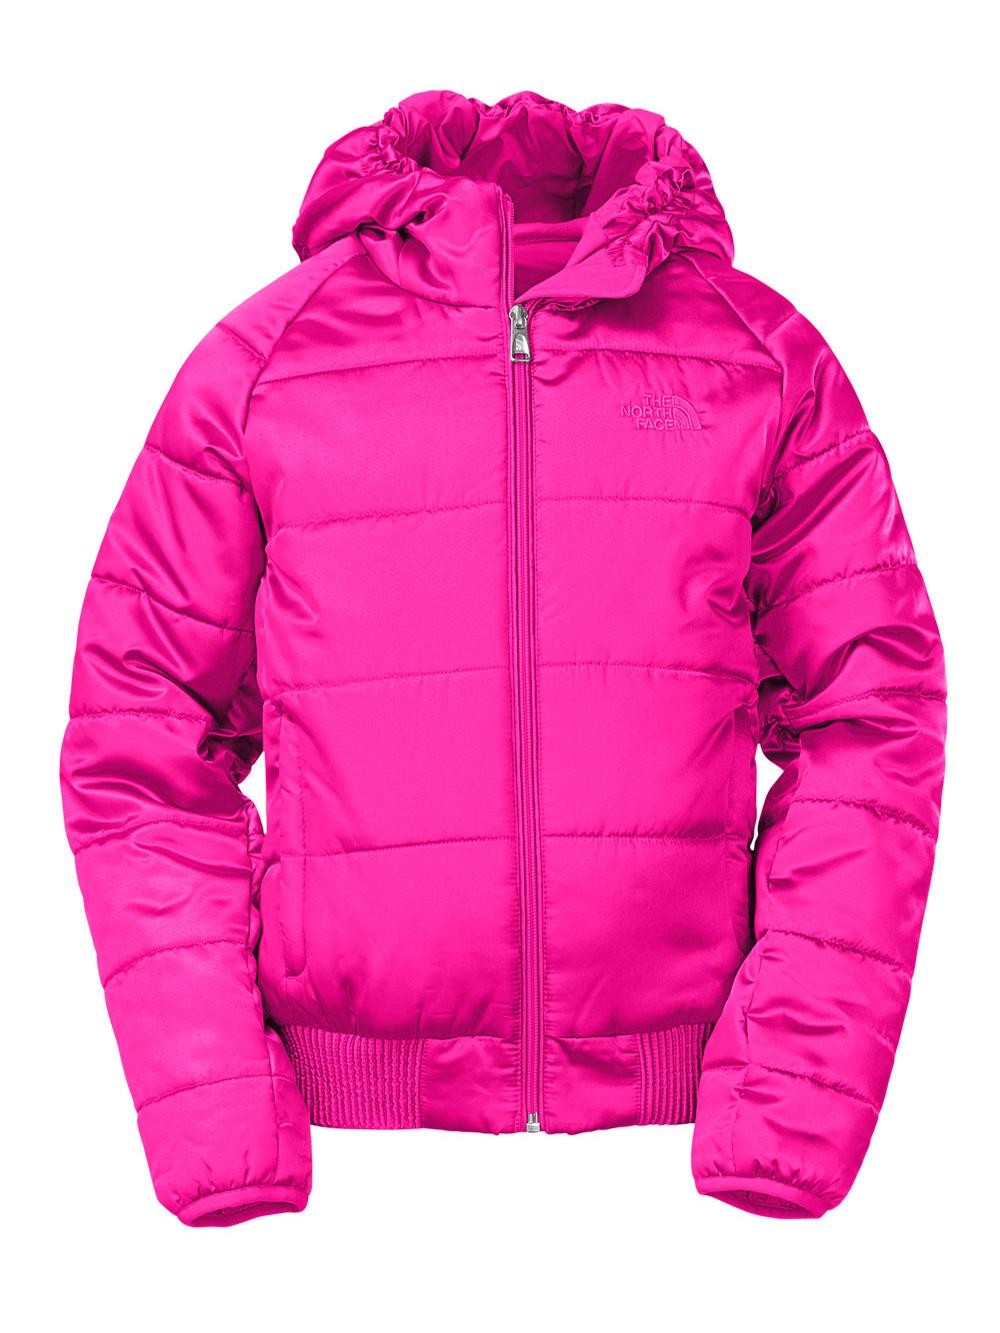 The North Face Big Girls' Hey Momma Bomba Jacket (Sizes 7 - 16)